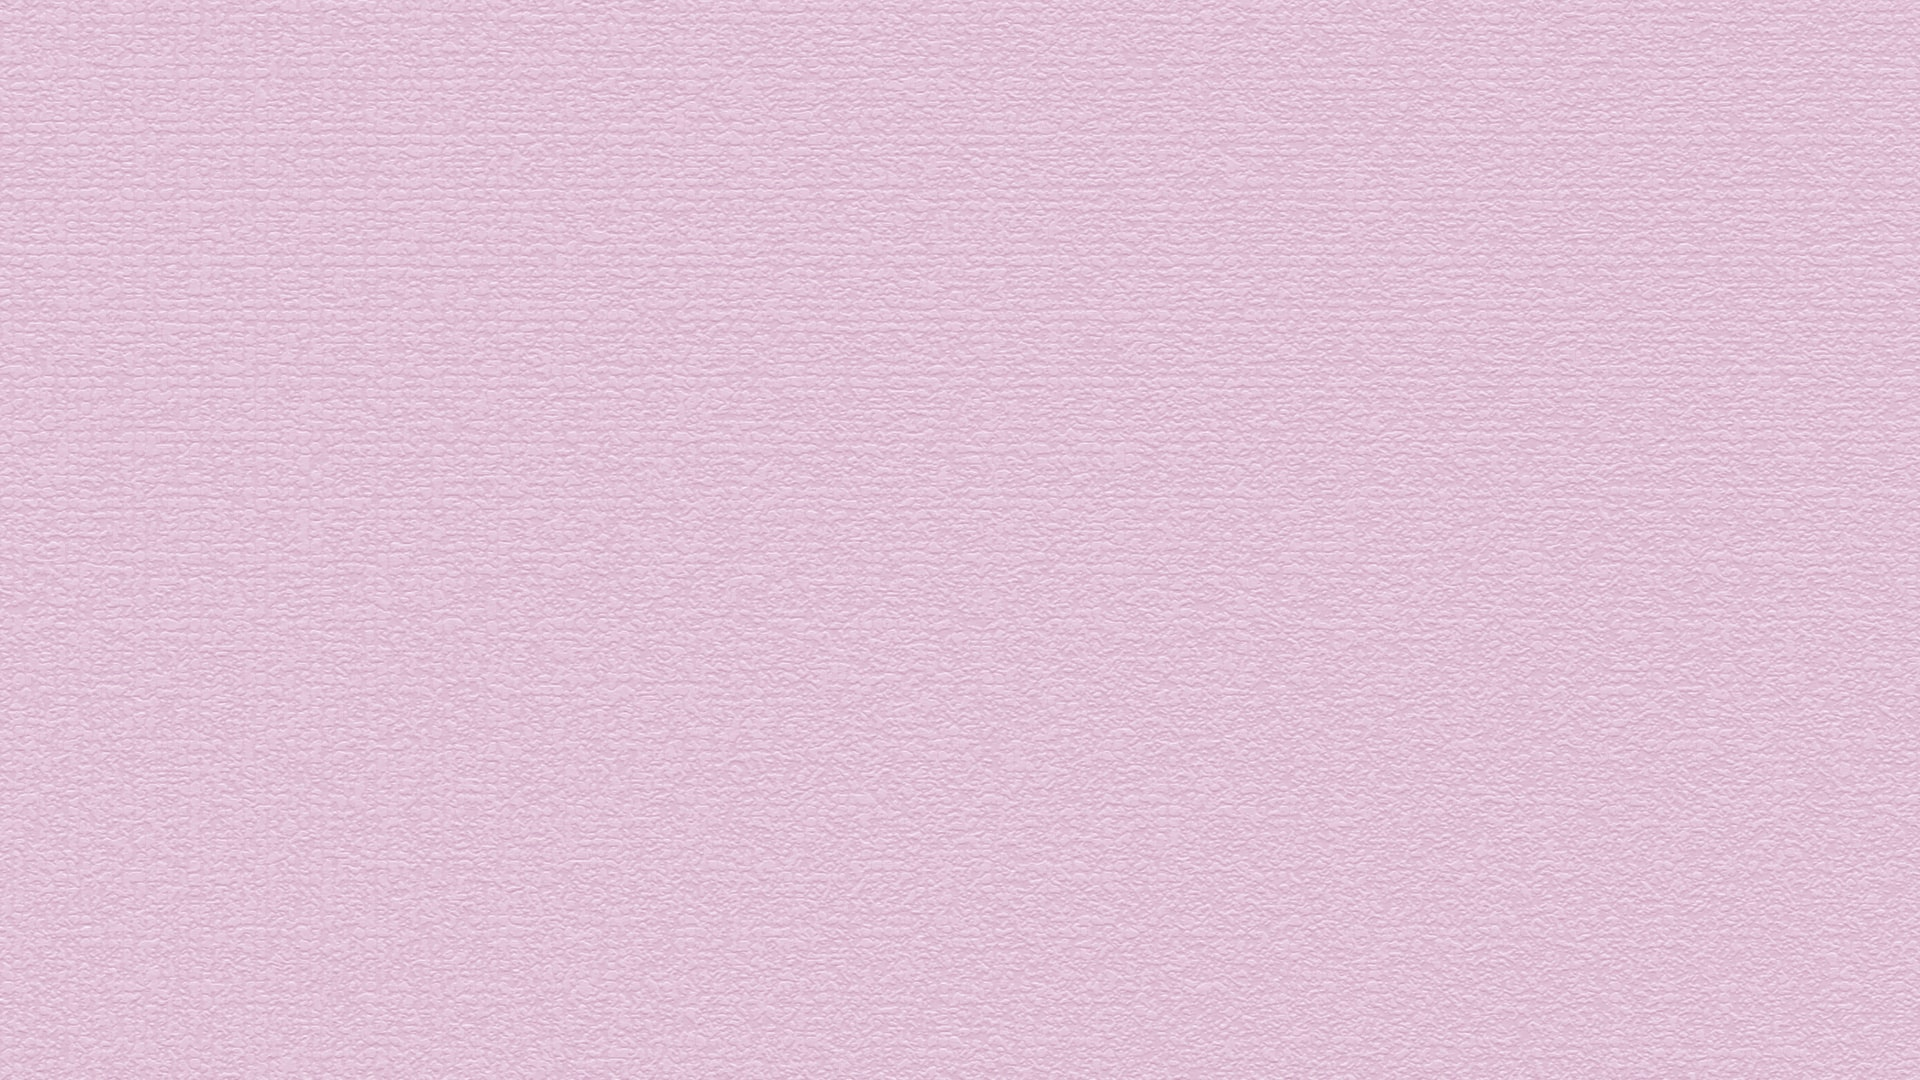 一般的な壁模様1_pink